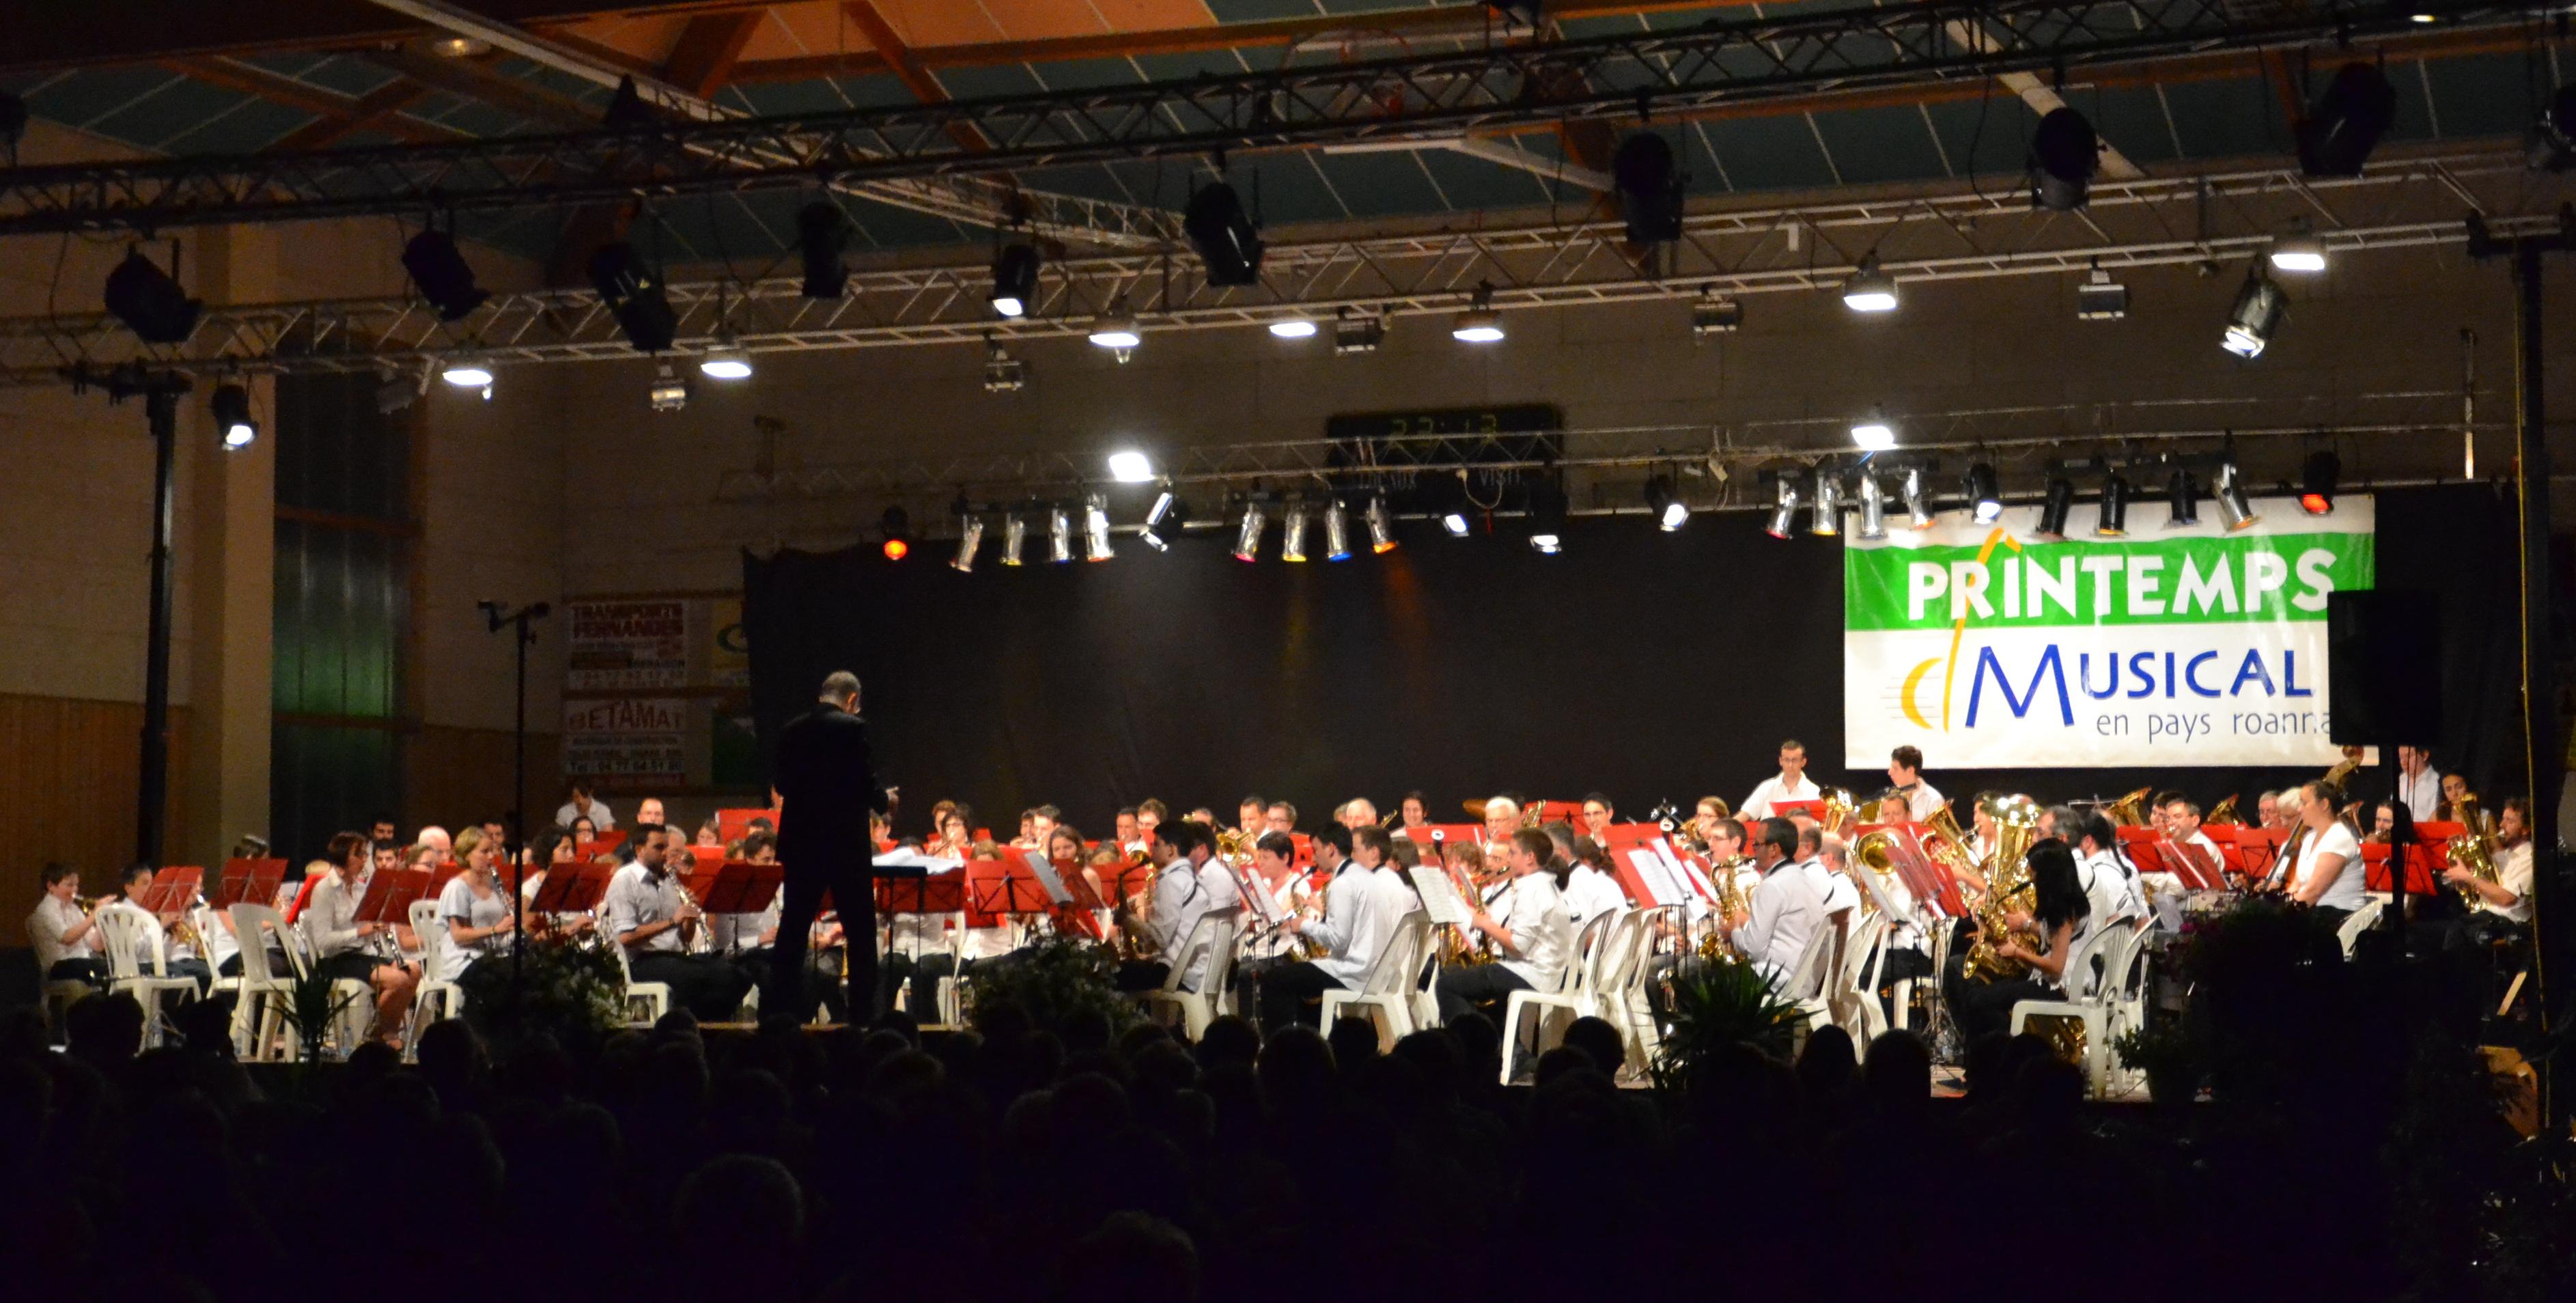 """Concert Harmonissimo 8 juin 2013 avec la Participation de l'harmonie de Mably """"Tous dans le Vent"""""""